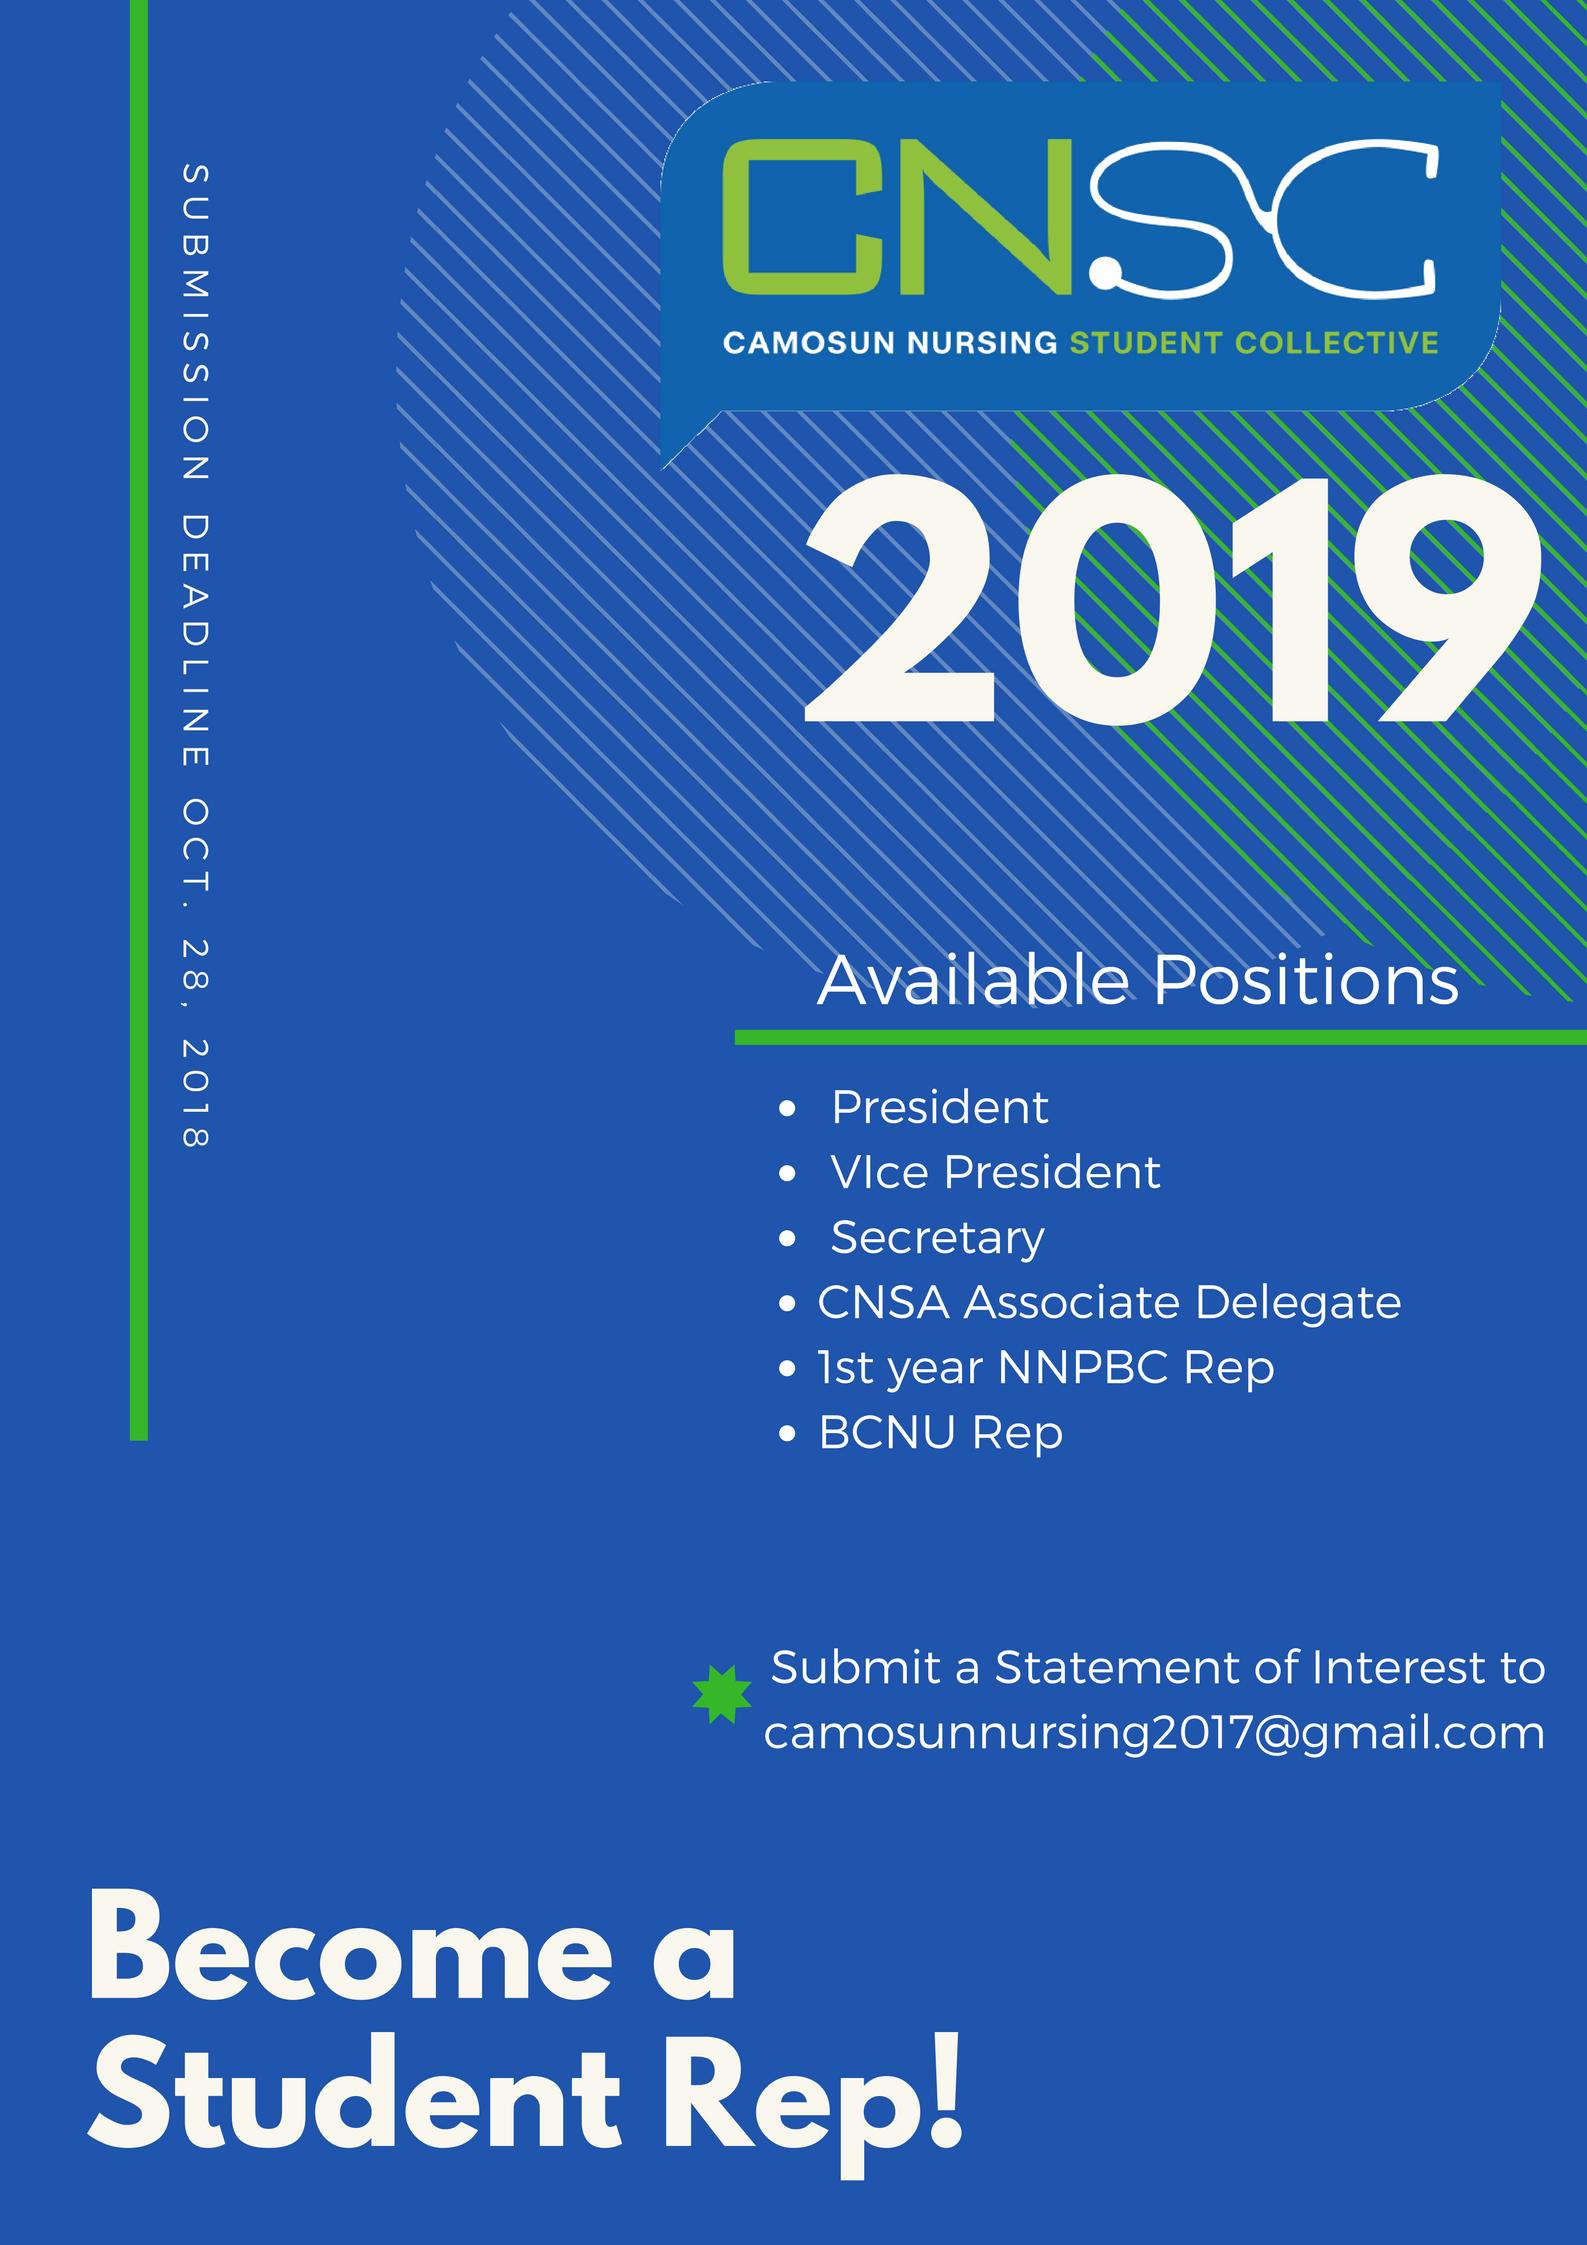 CNSC Recruitment Poster.jpg